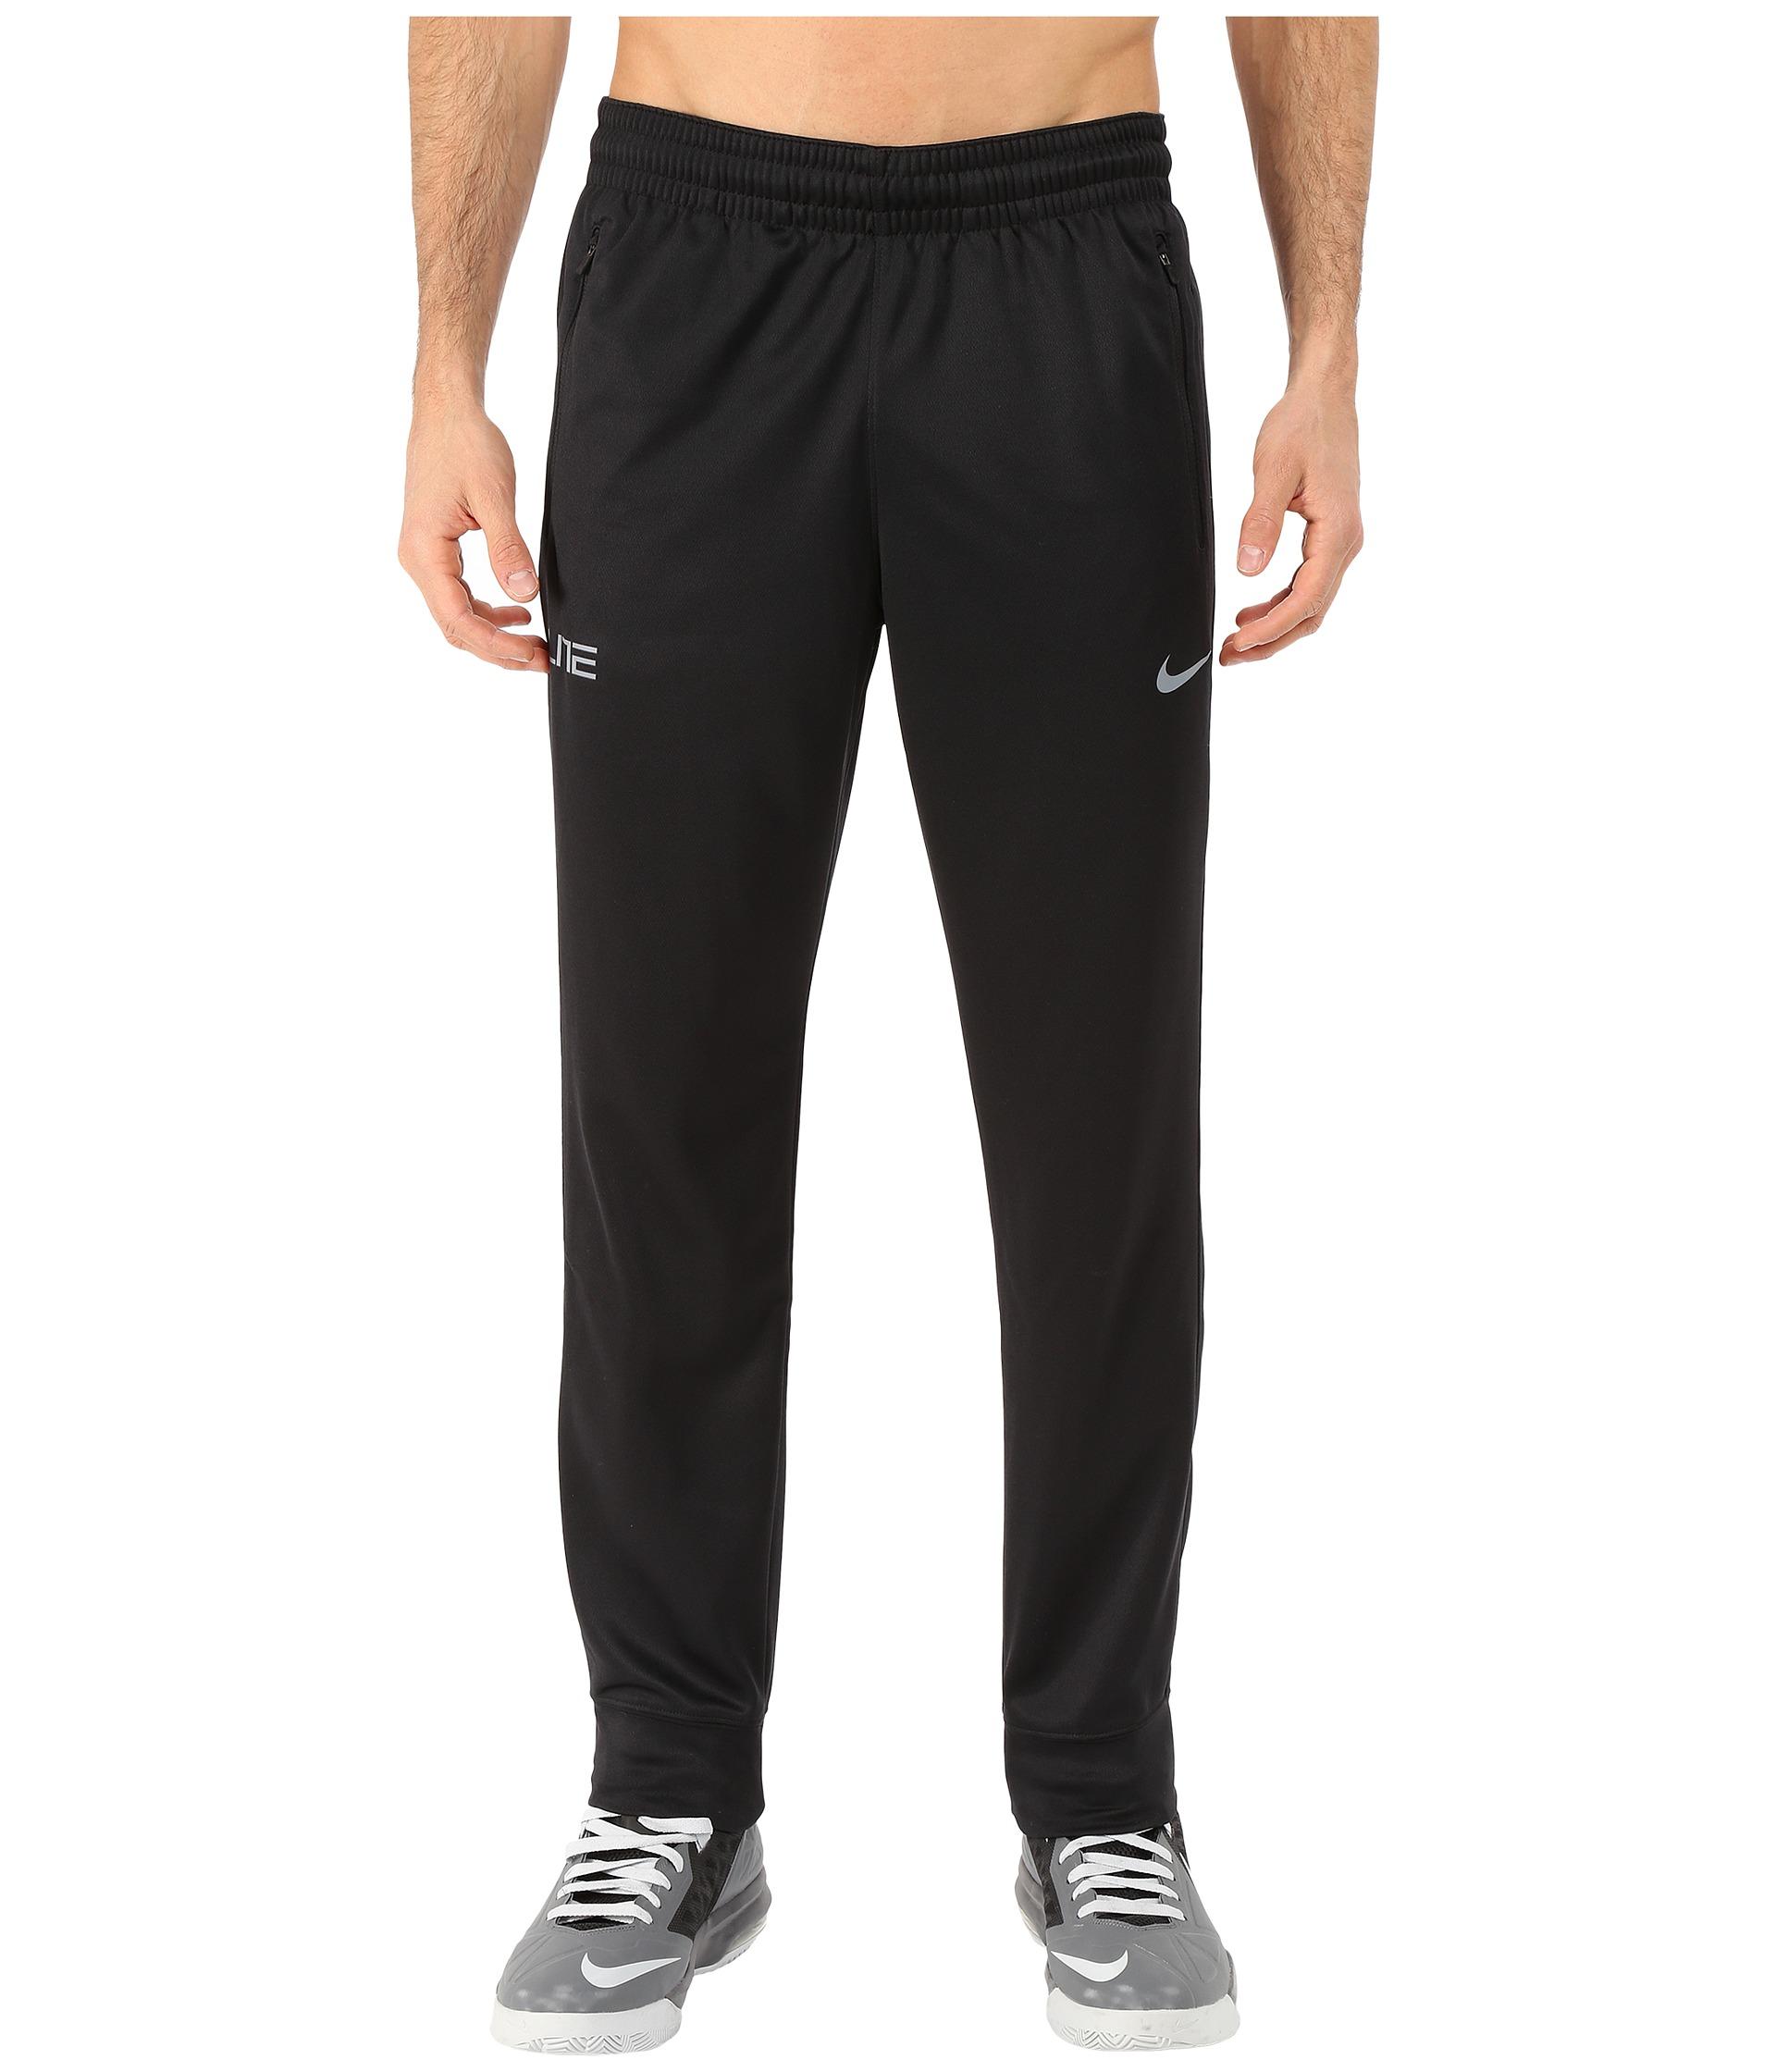 supra rouge - Nike Elite Dri-FIT? Cuffed Pants - 6pm.com